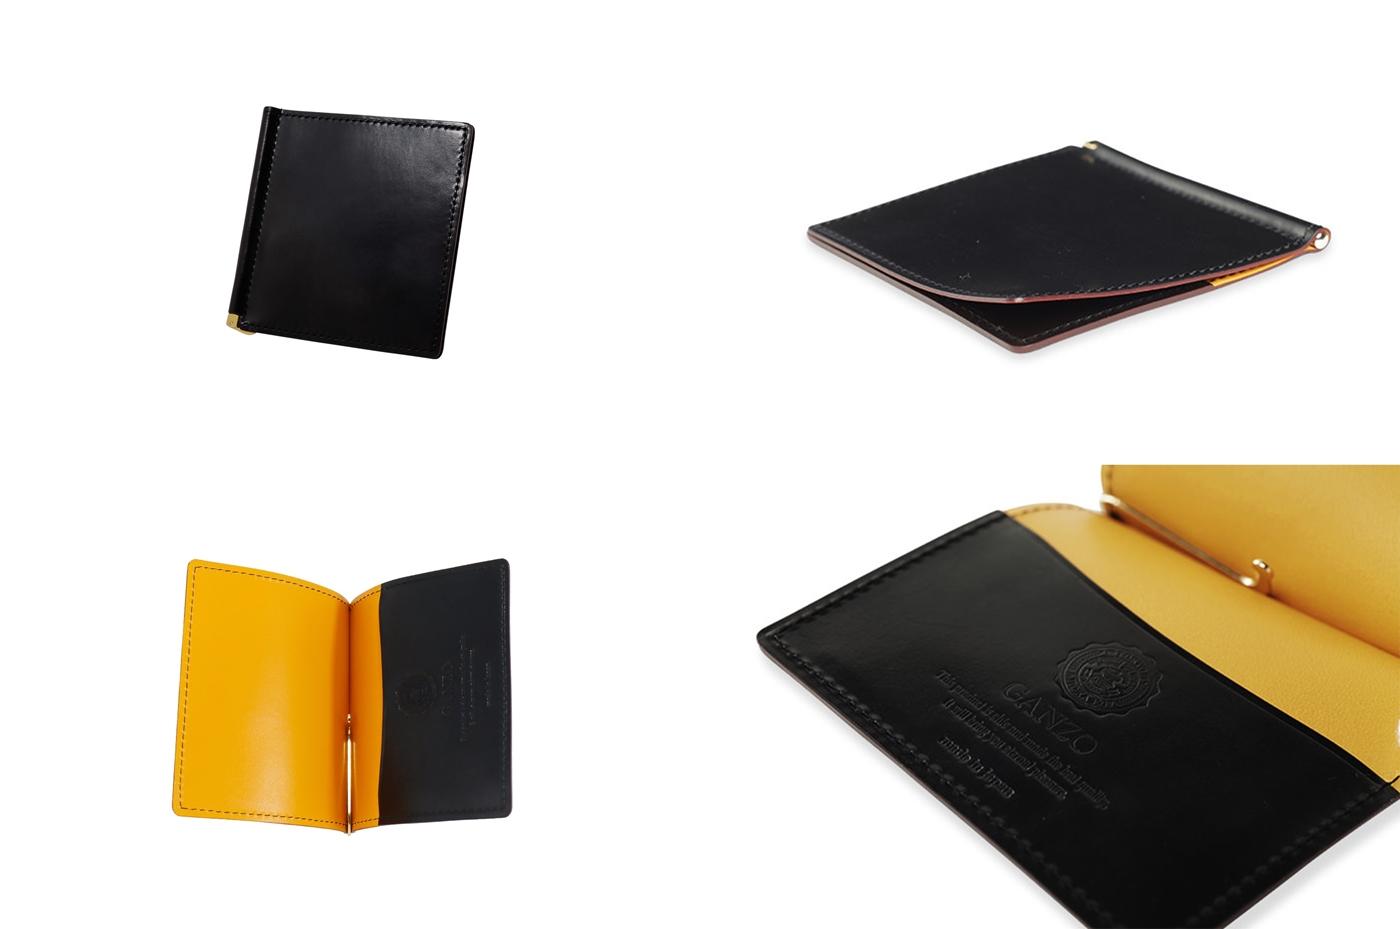 GANZO ガンゾ SHELL CORDOVAN 2 (シェルコードバン2)マネークリップ ブラック デザイン